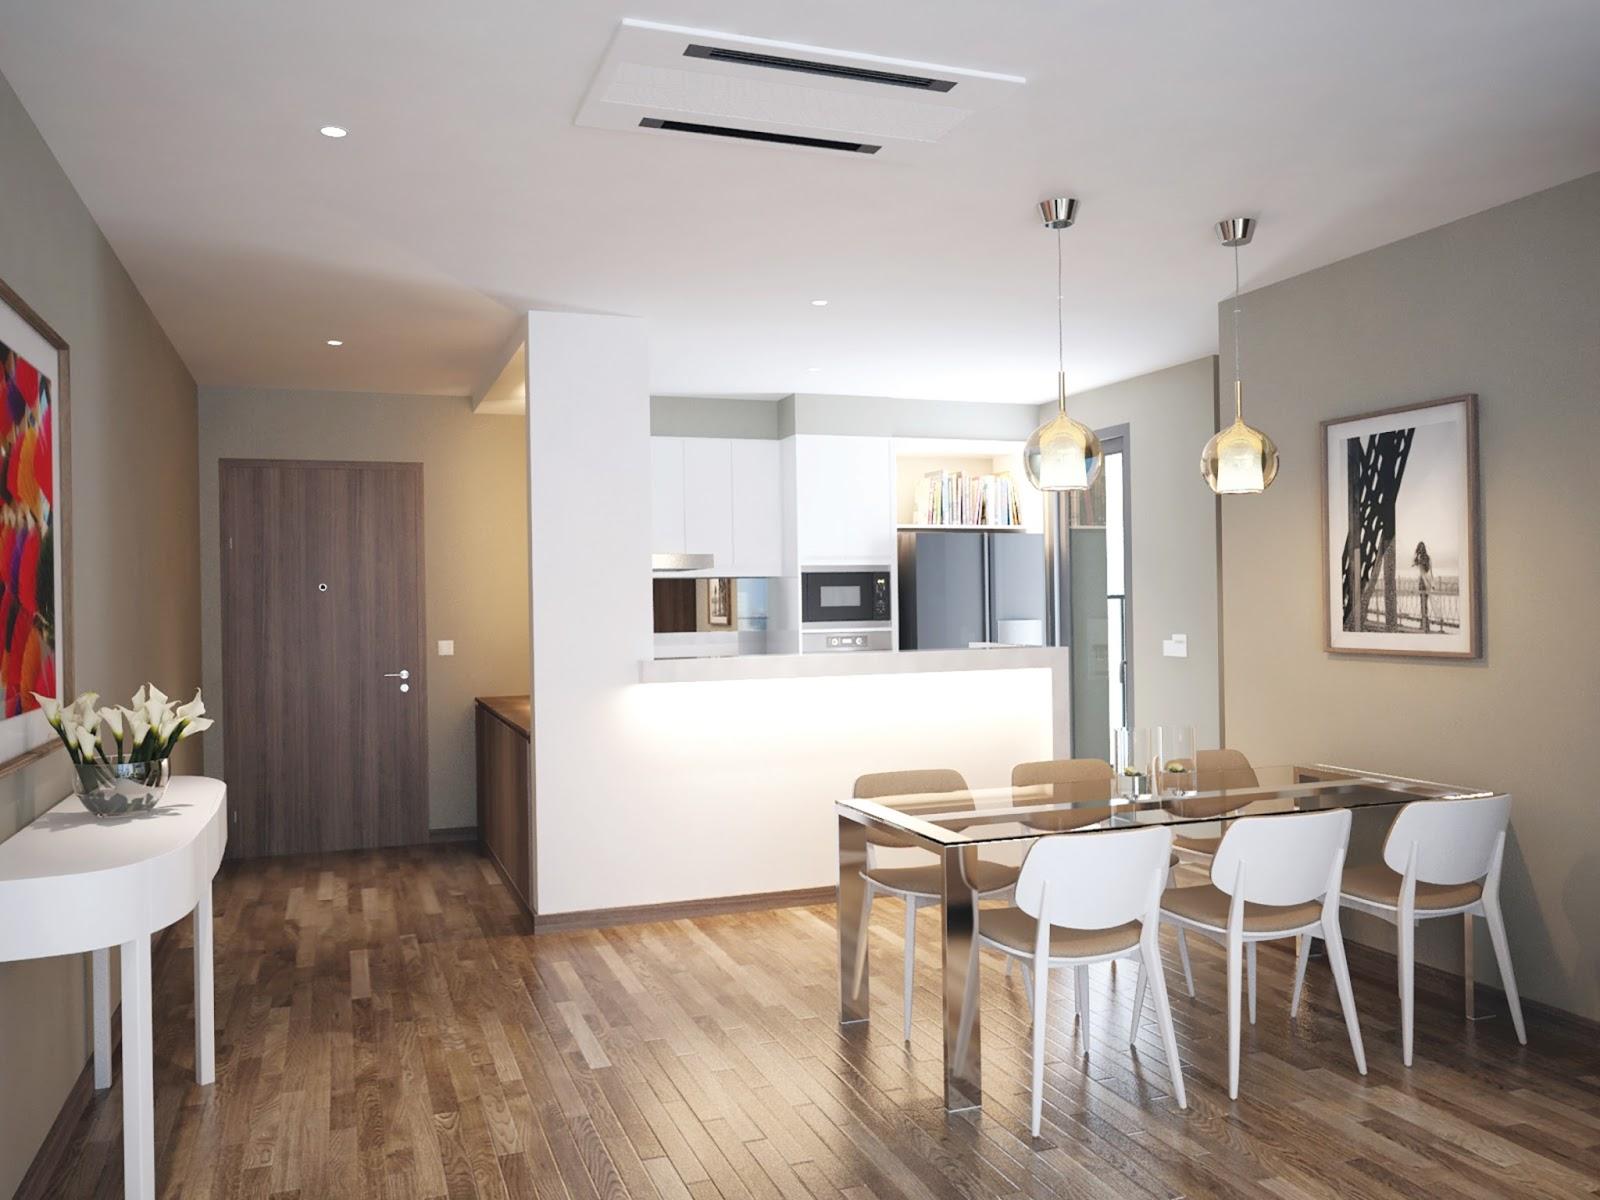 Ra mắt căn hộ đẳng cấp 5 sao tại khu vực Ngoại Giao Đoàn